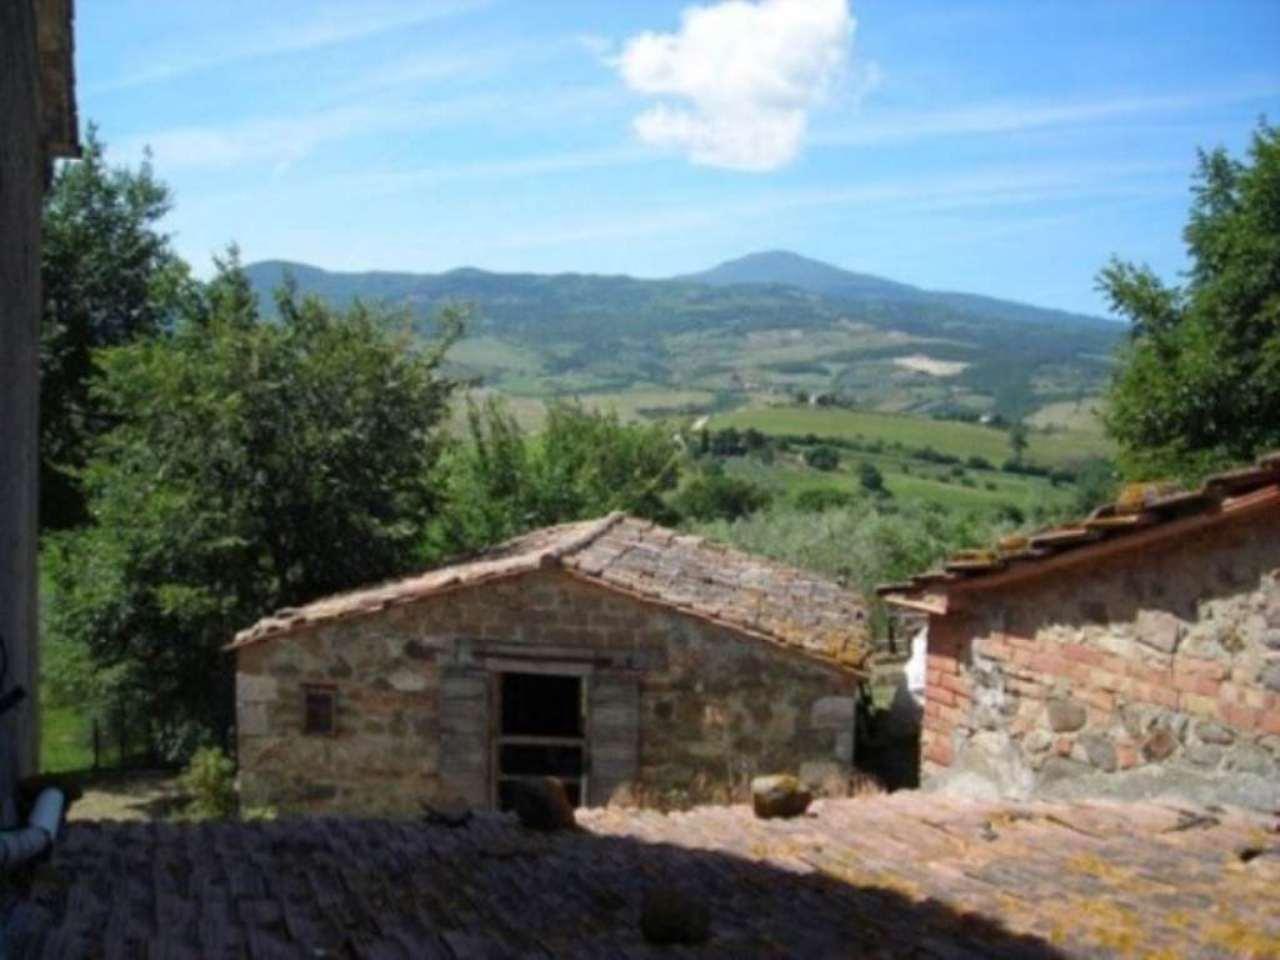 Rustico / Casale in vendita a Castiglione d'Orcia, 6 locali, prezzo € 198.000   Cambio Casa.it